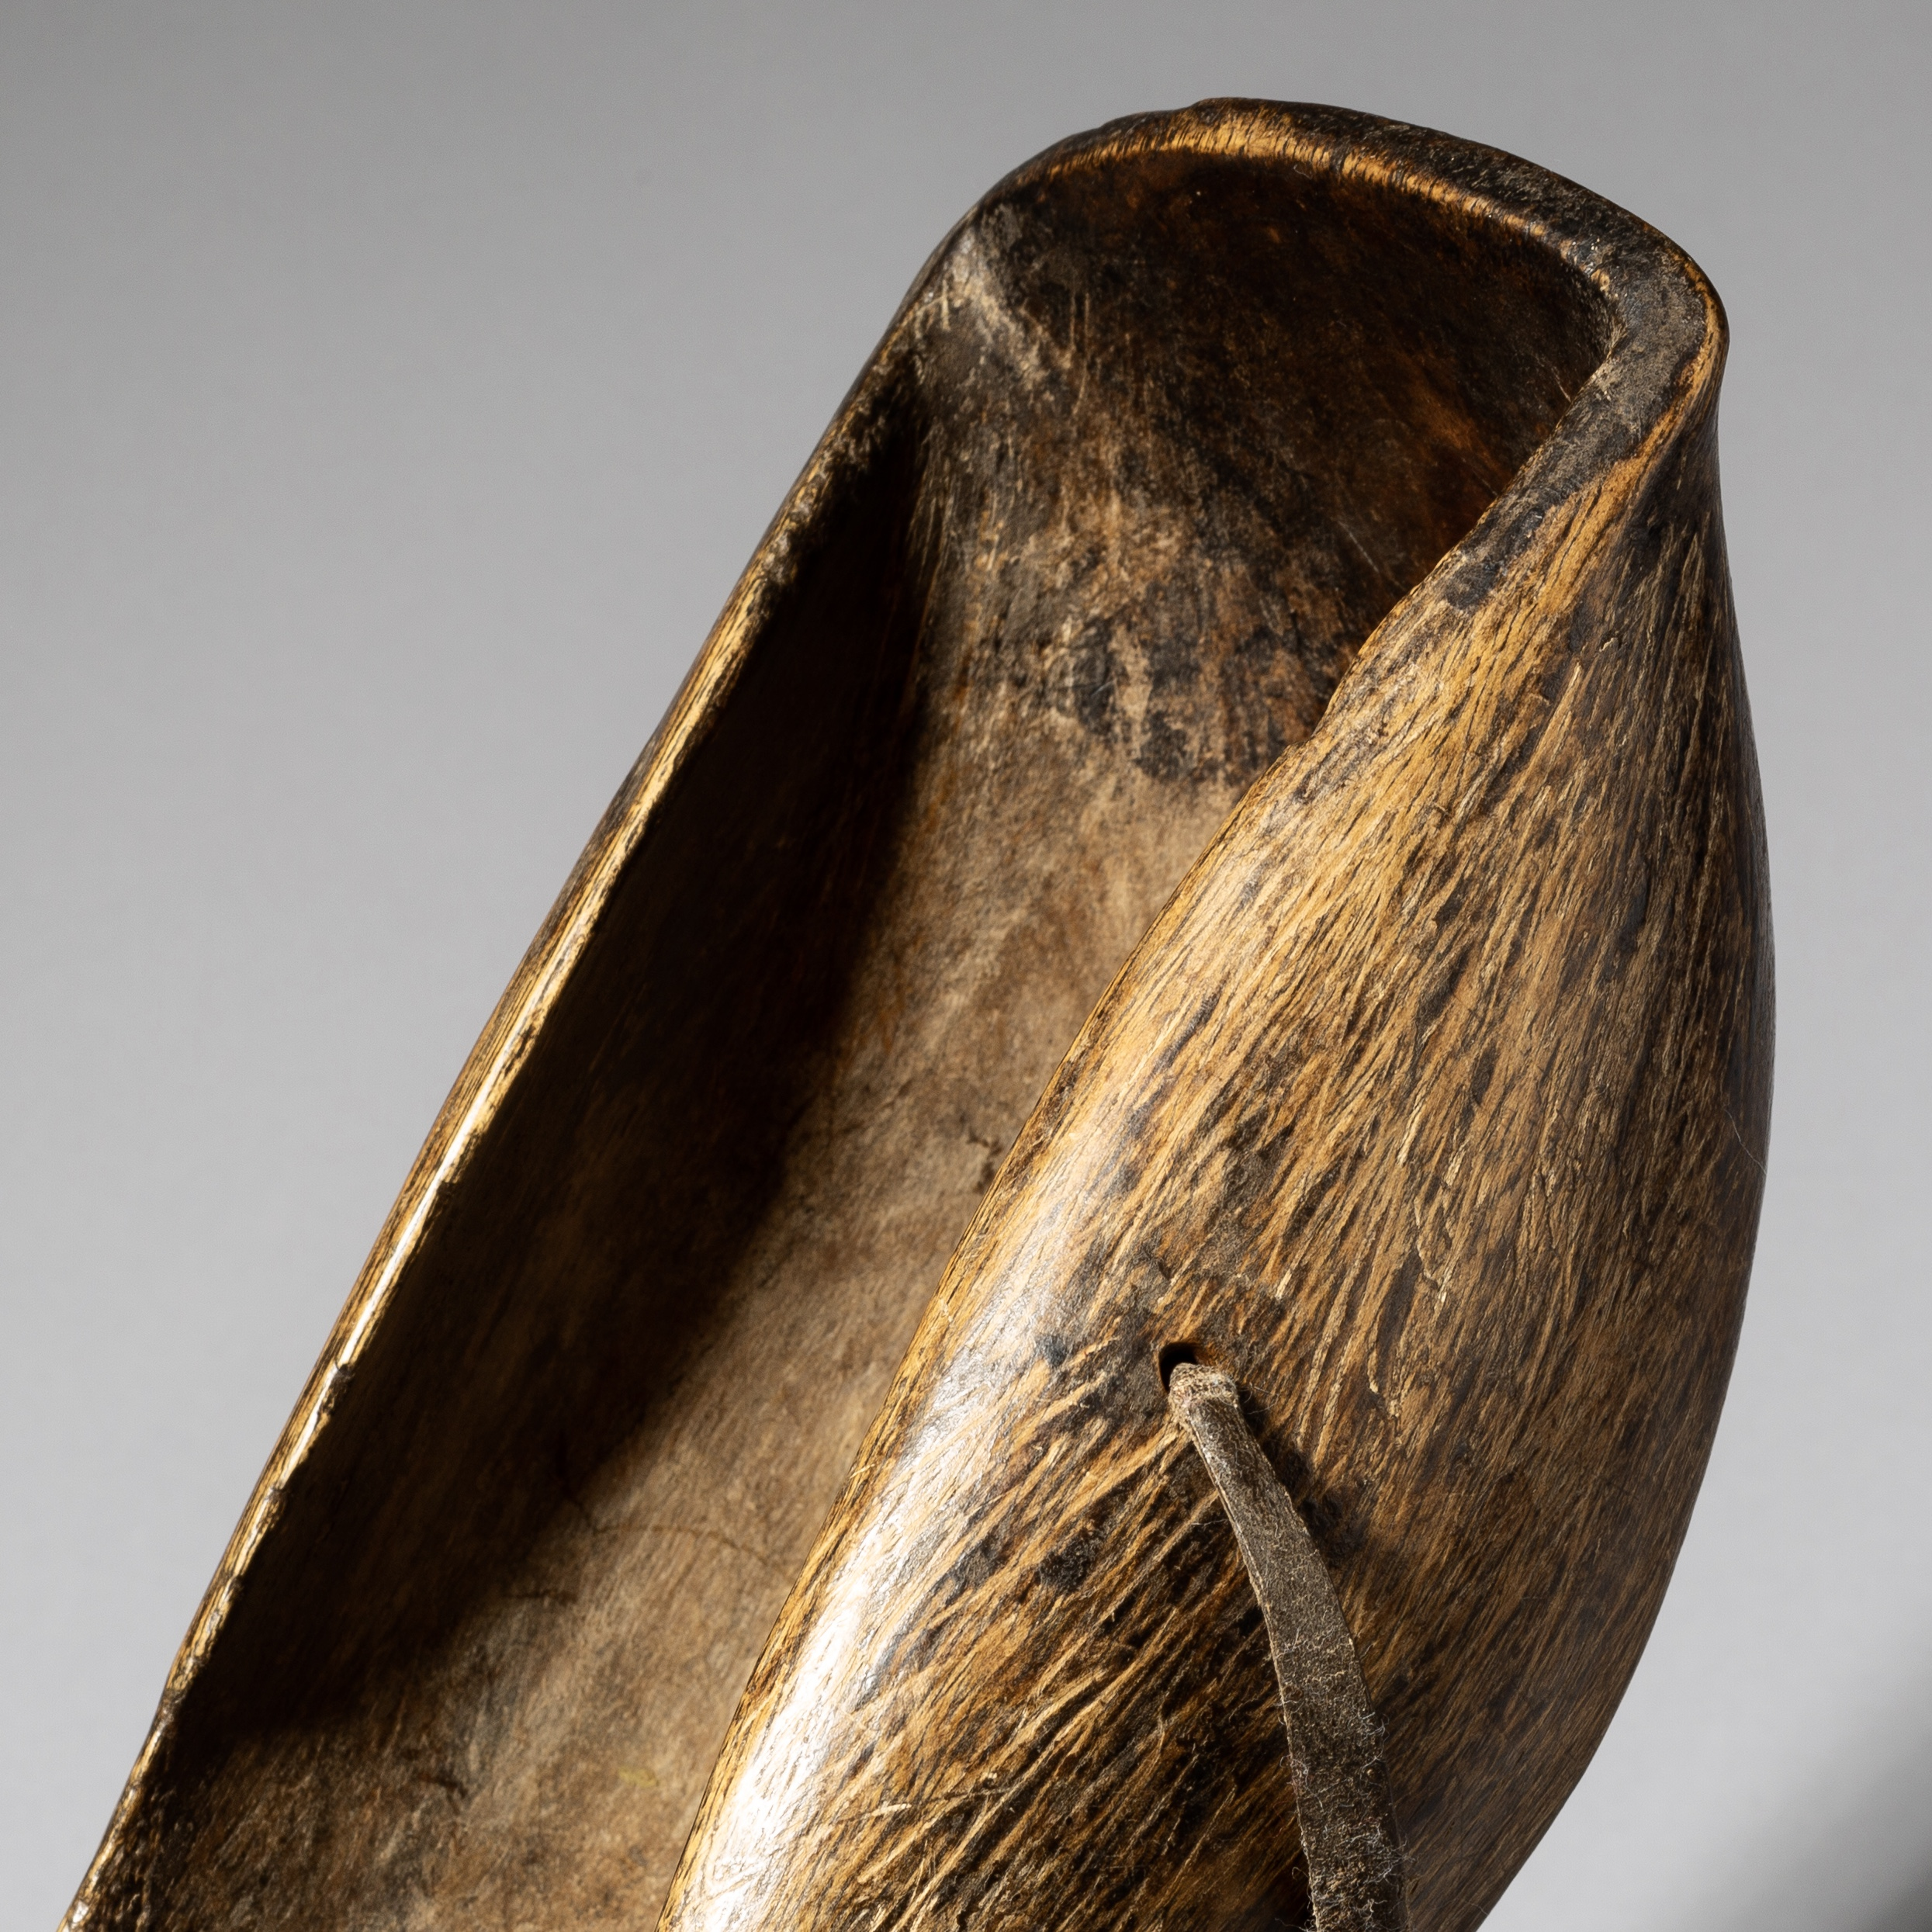 A PATINATED WOOD BOWL, TURKANA TRIBE KENYA ( No 4006 )